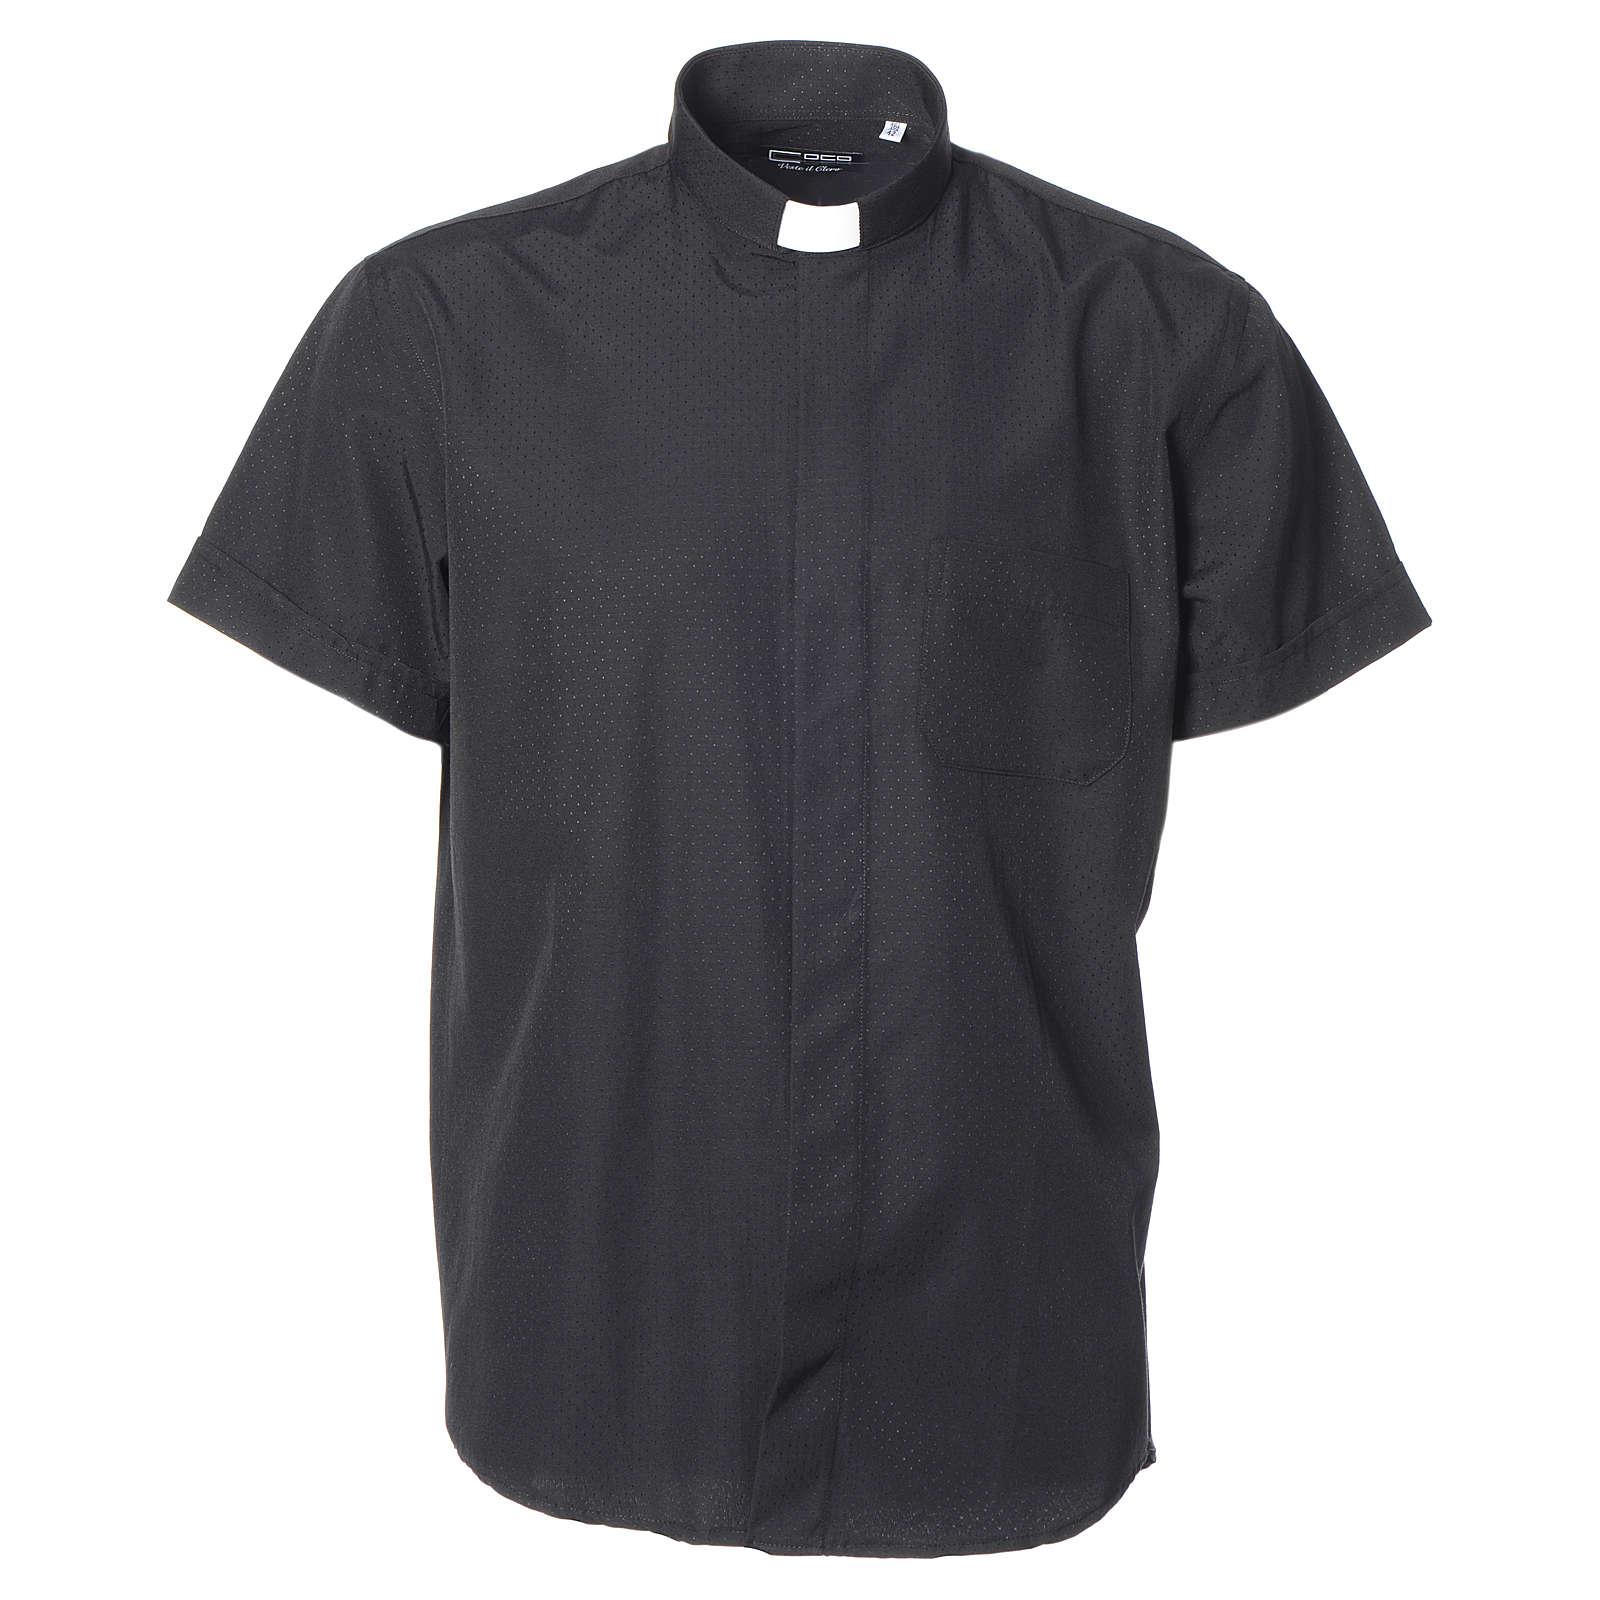 Camisa de sacerdote algodão poliéster preto M/C 4